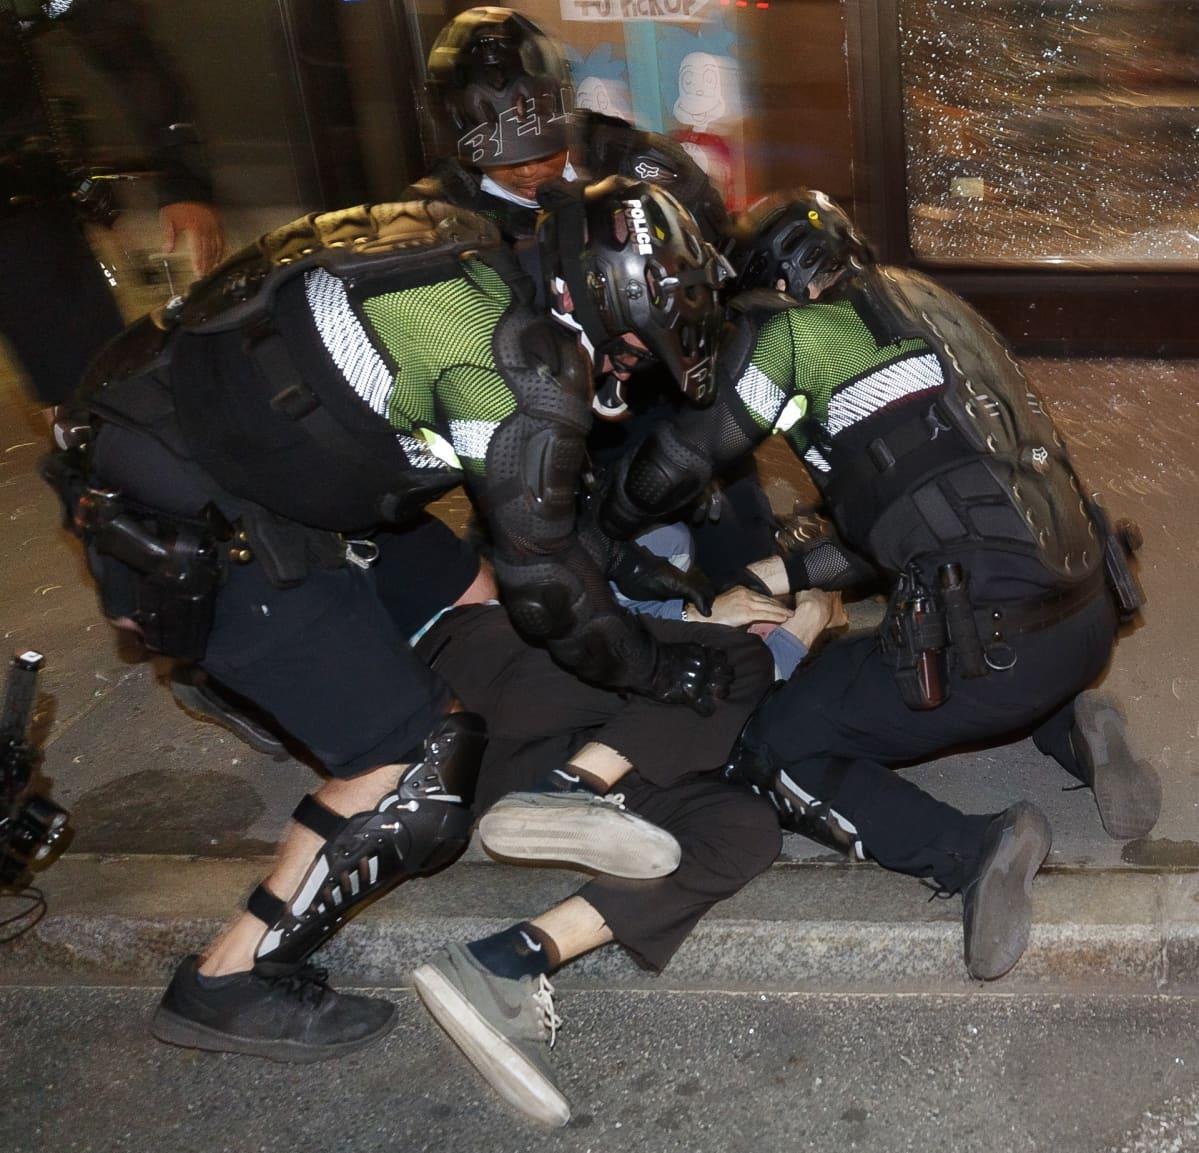 Kaksi poliisia pidättämässä ihmistä.